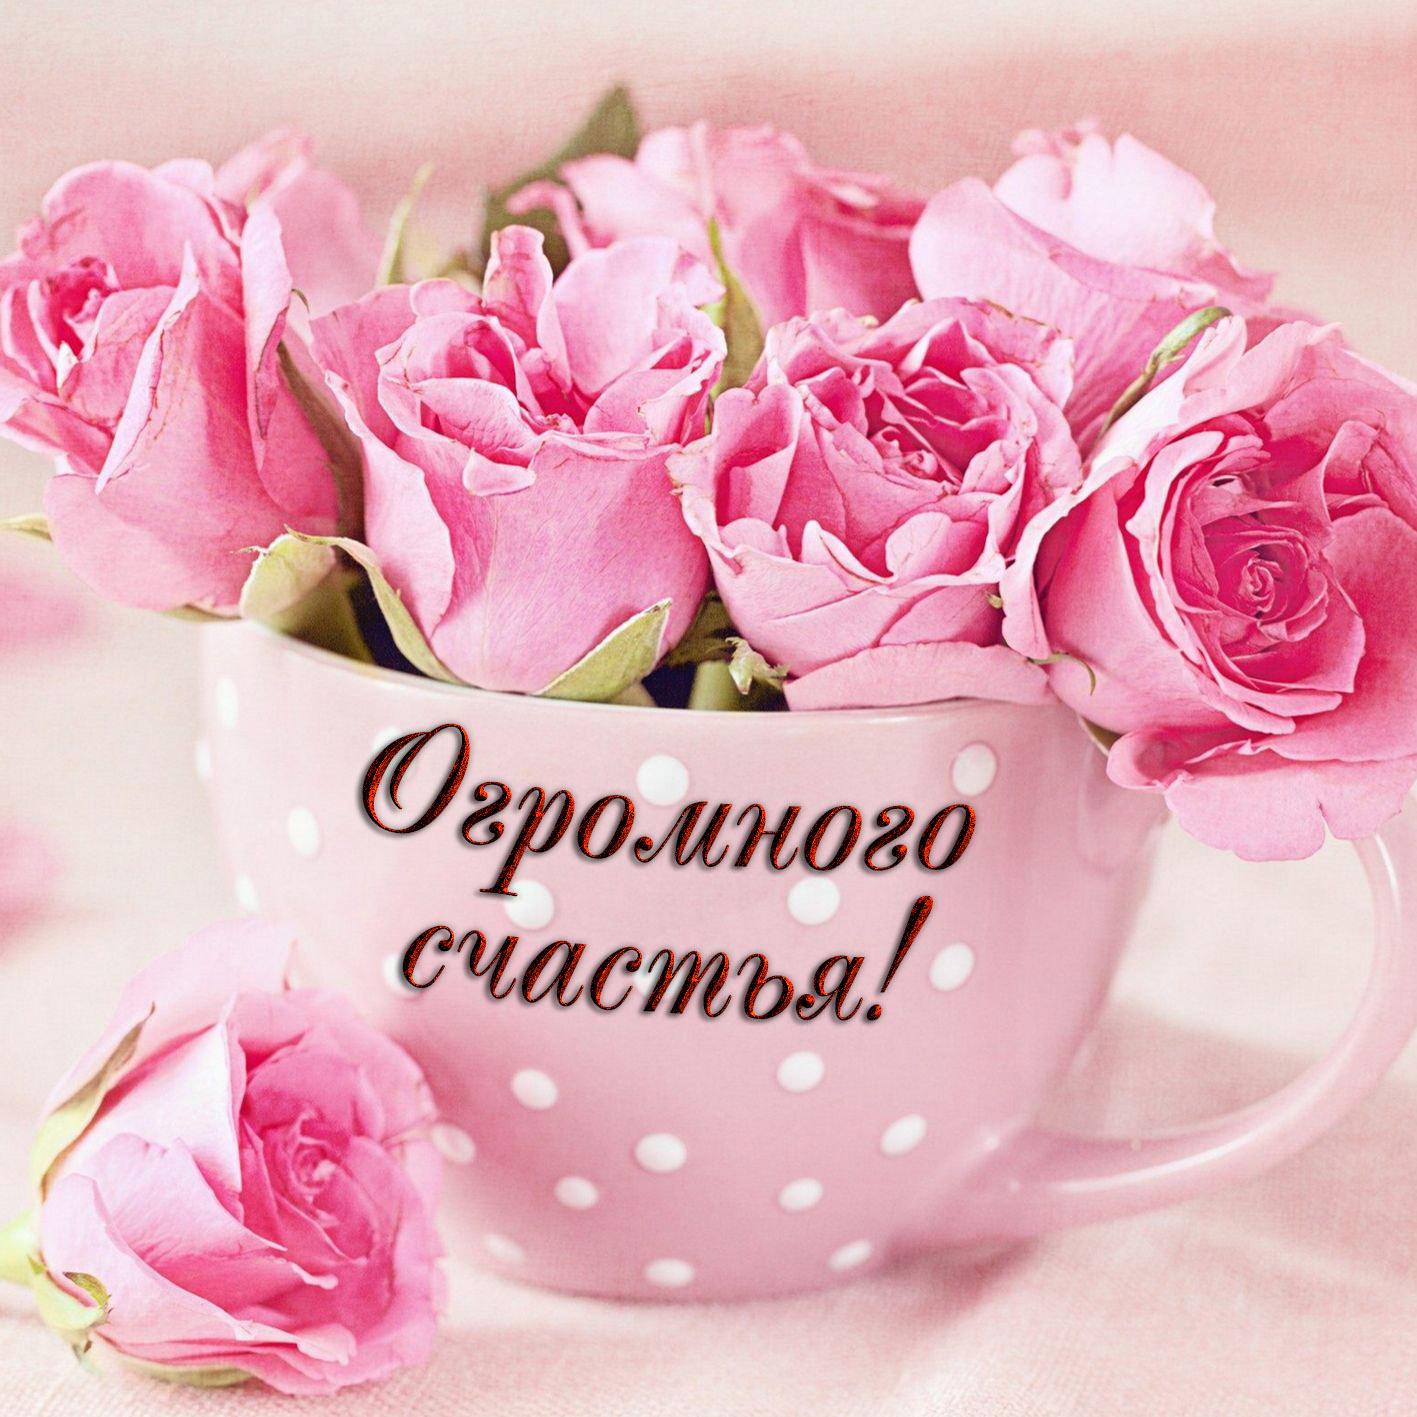 Открытка - чашка с надписью огромного счастья